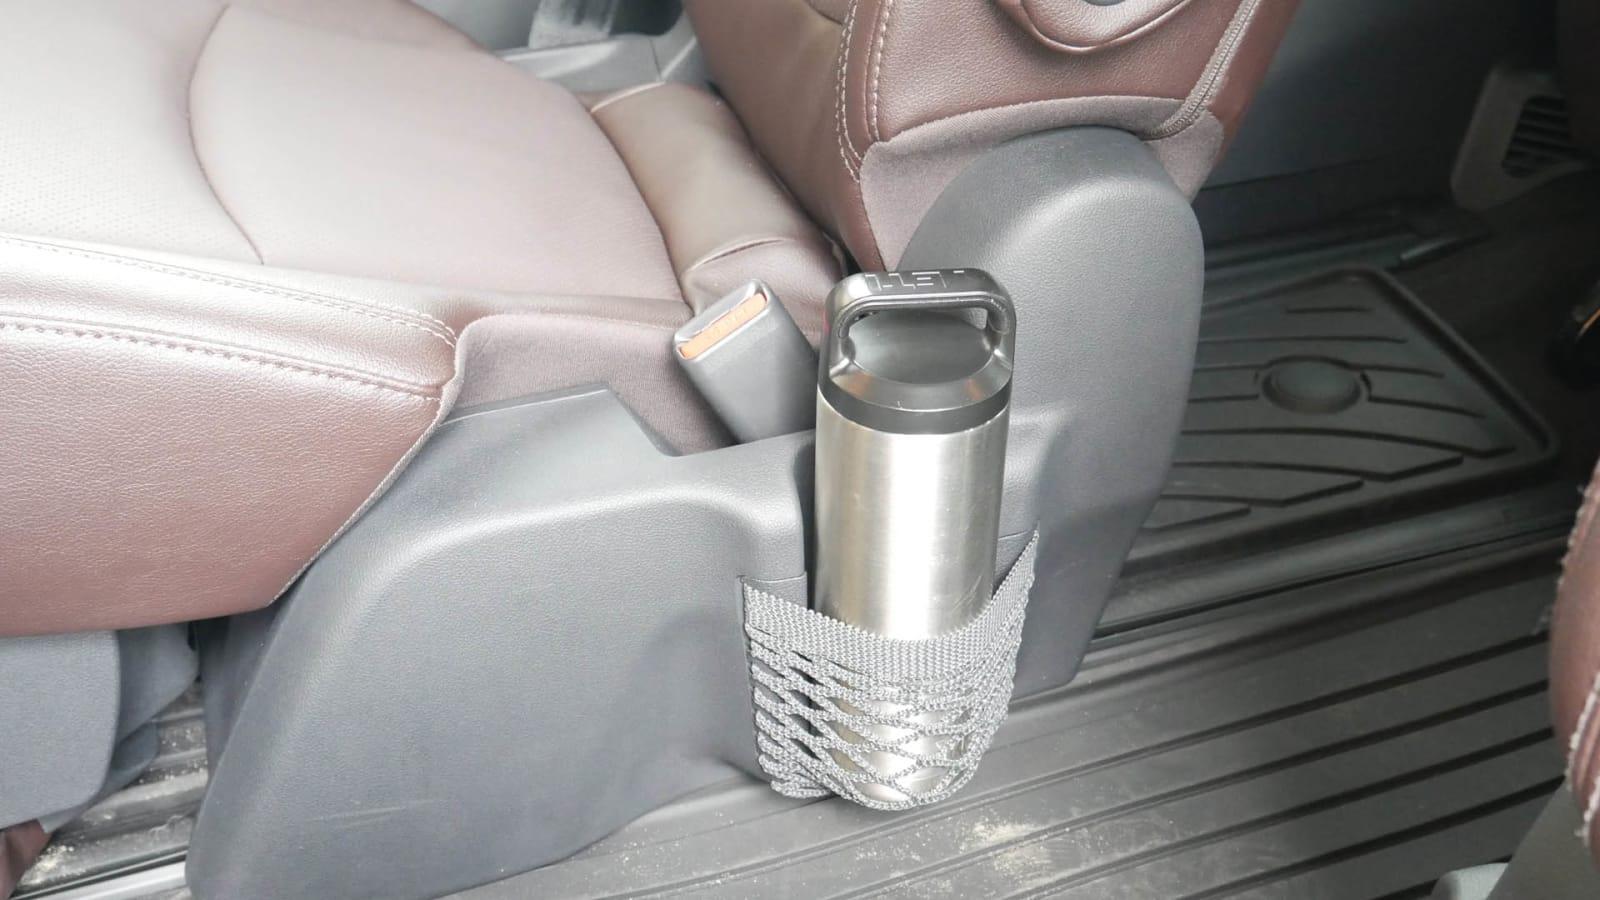 2021 Toyota Sienna interior storage seat cupholder net